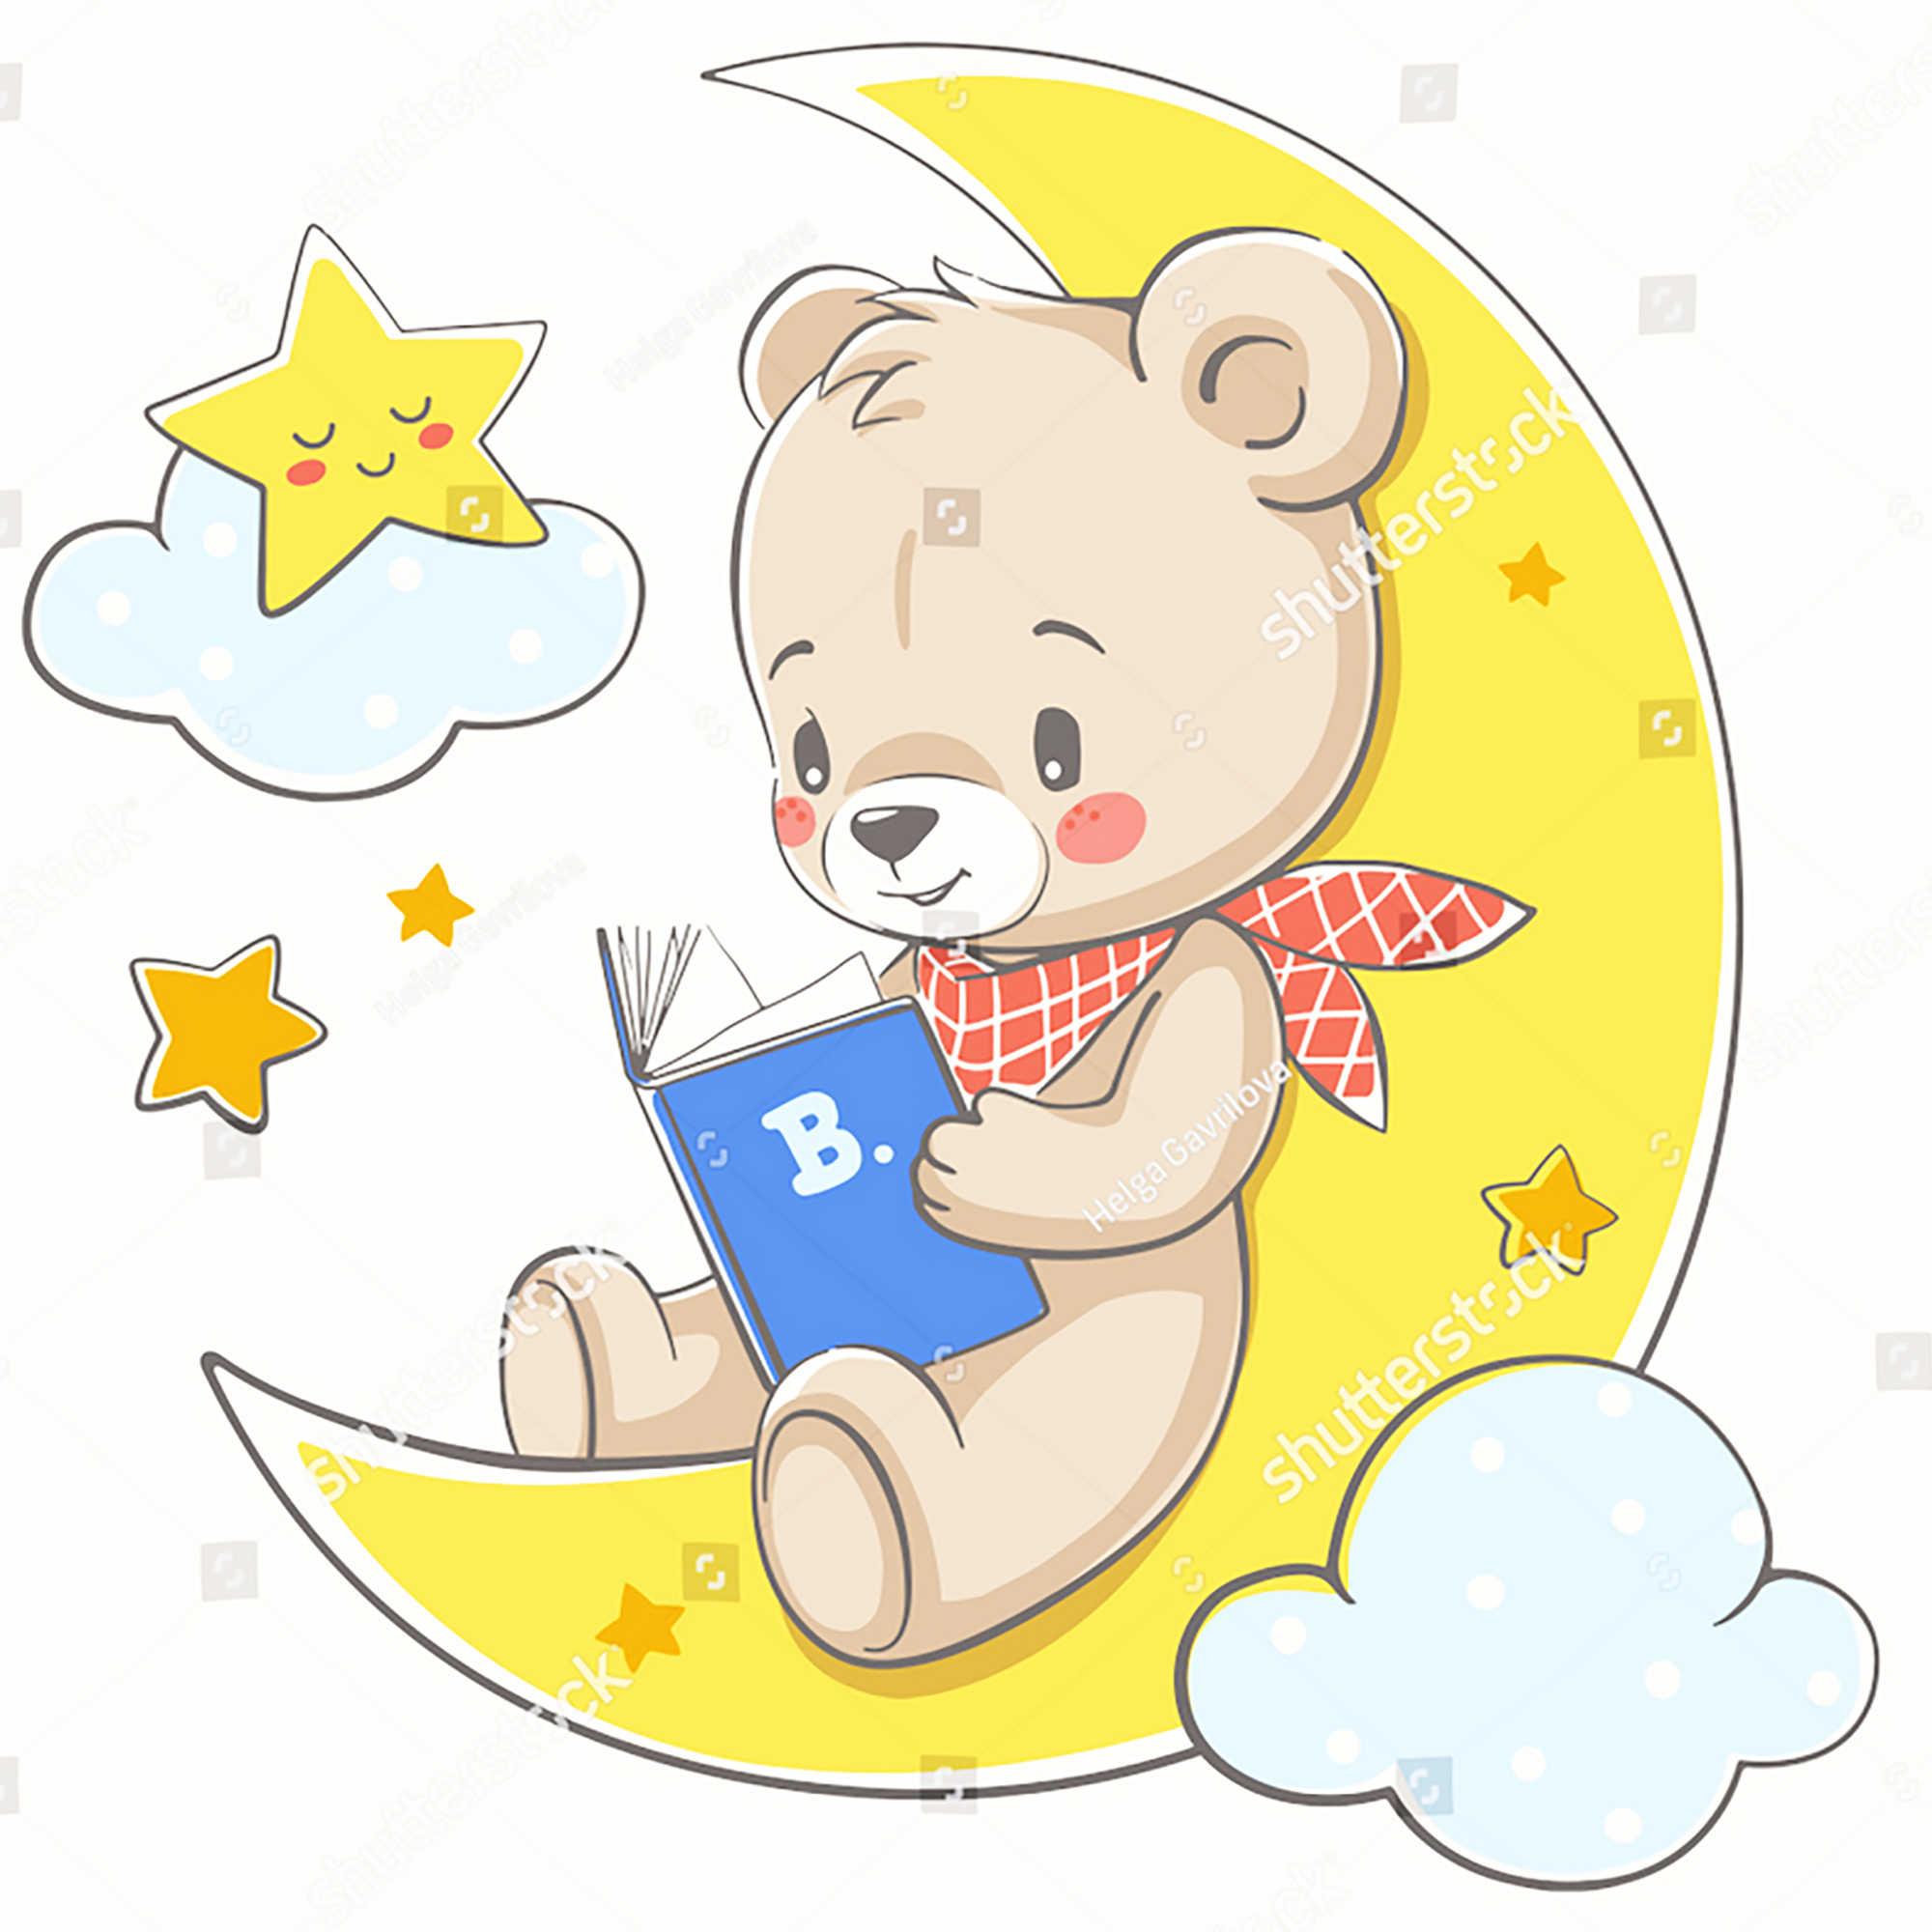 Фото Moon Animal Doll Dies звезда для чтения медведь металлическая резка Скрапбукинг DIY